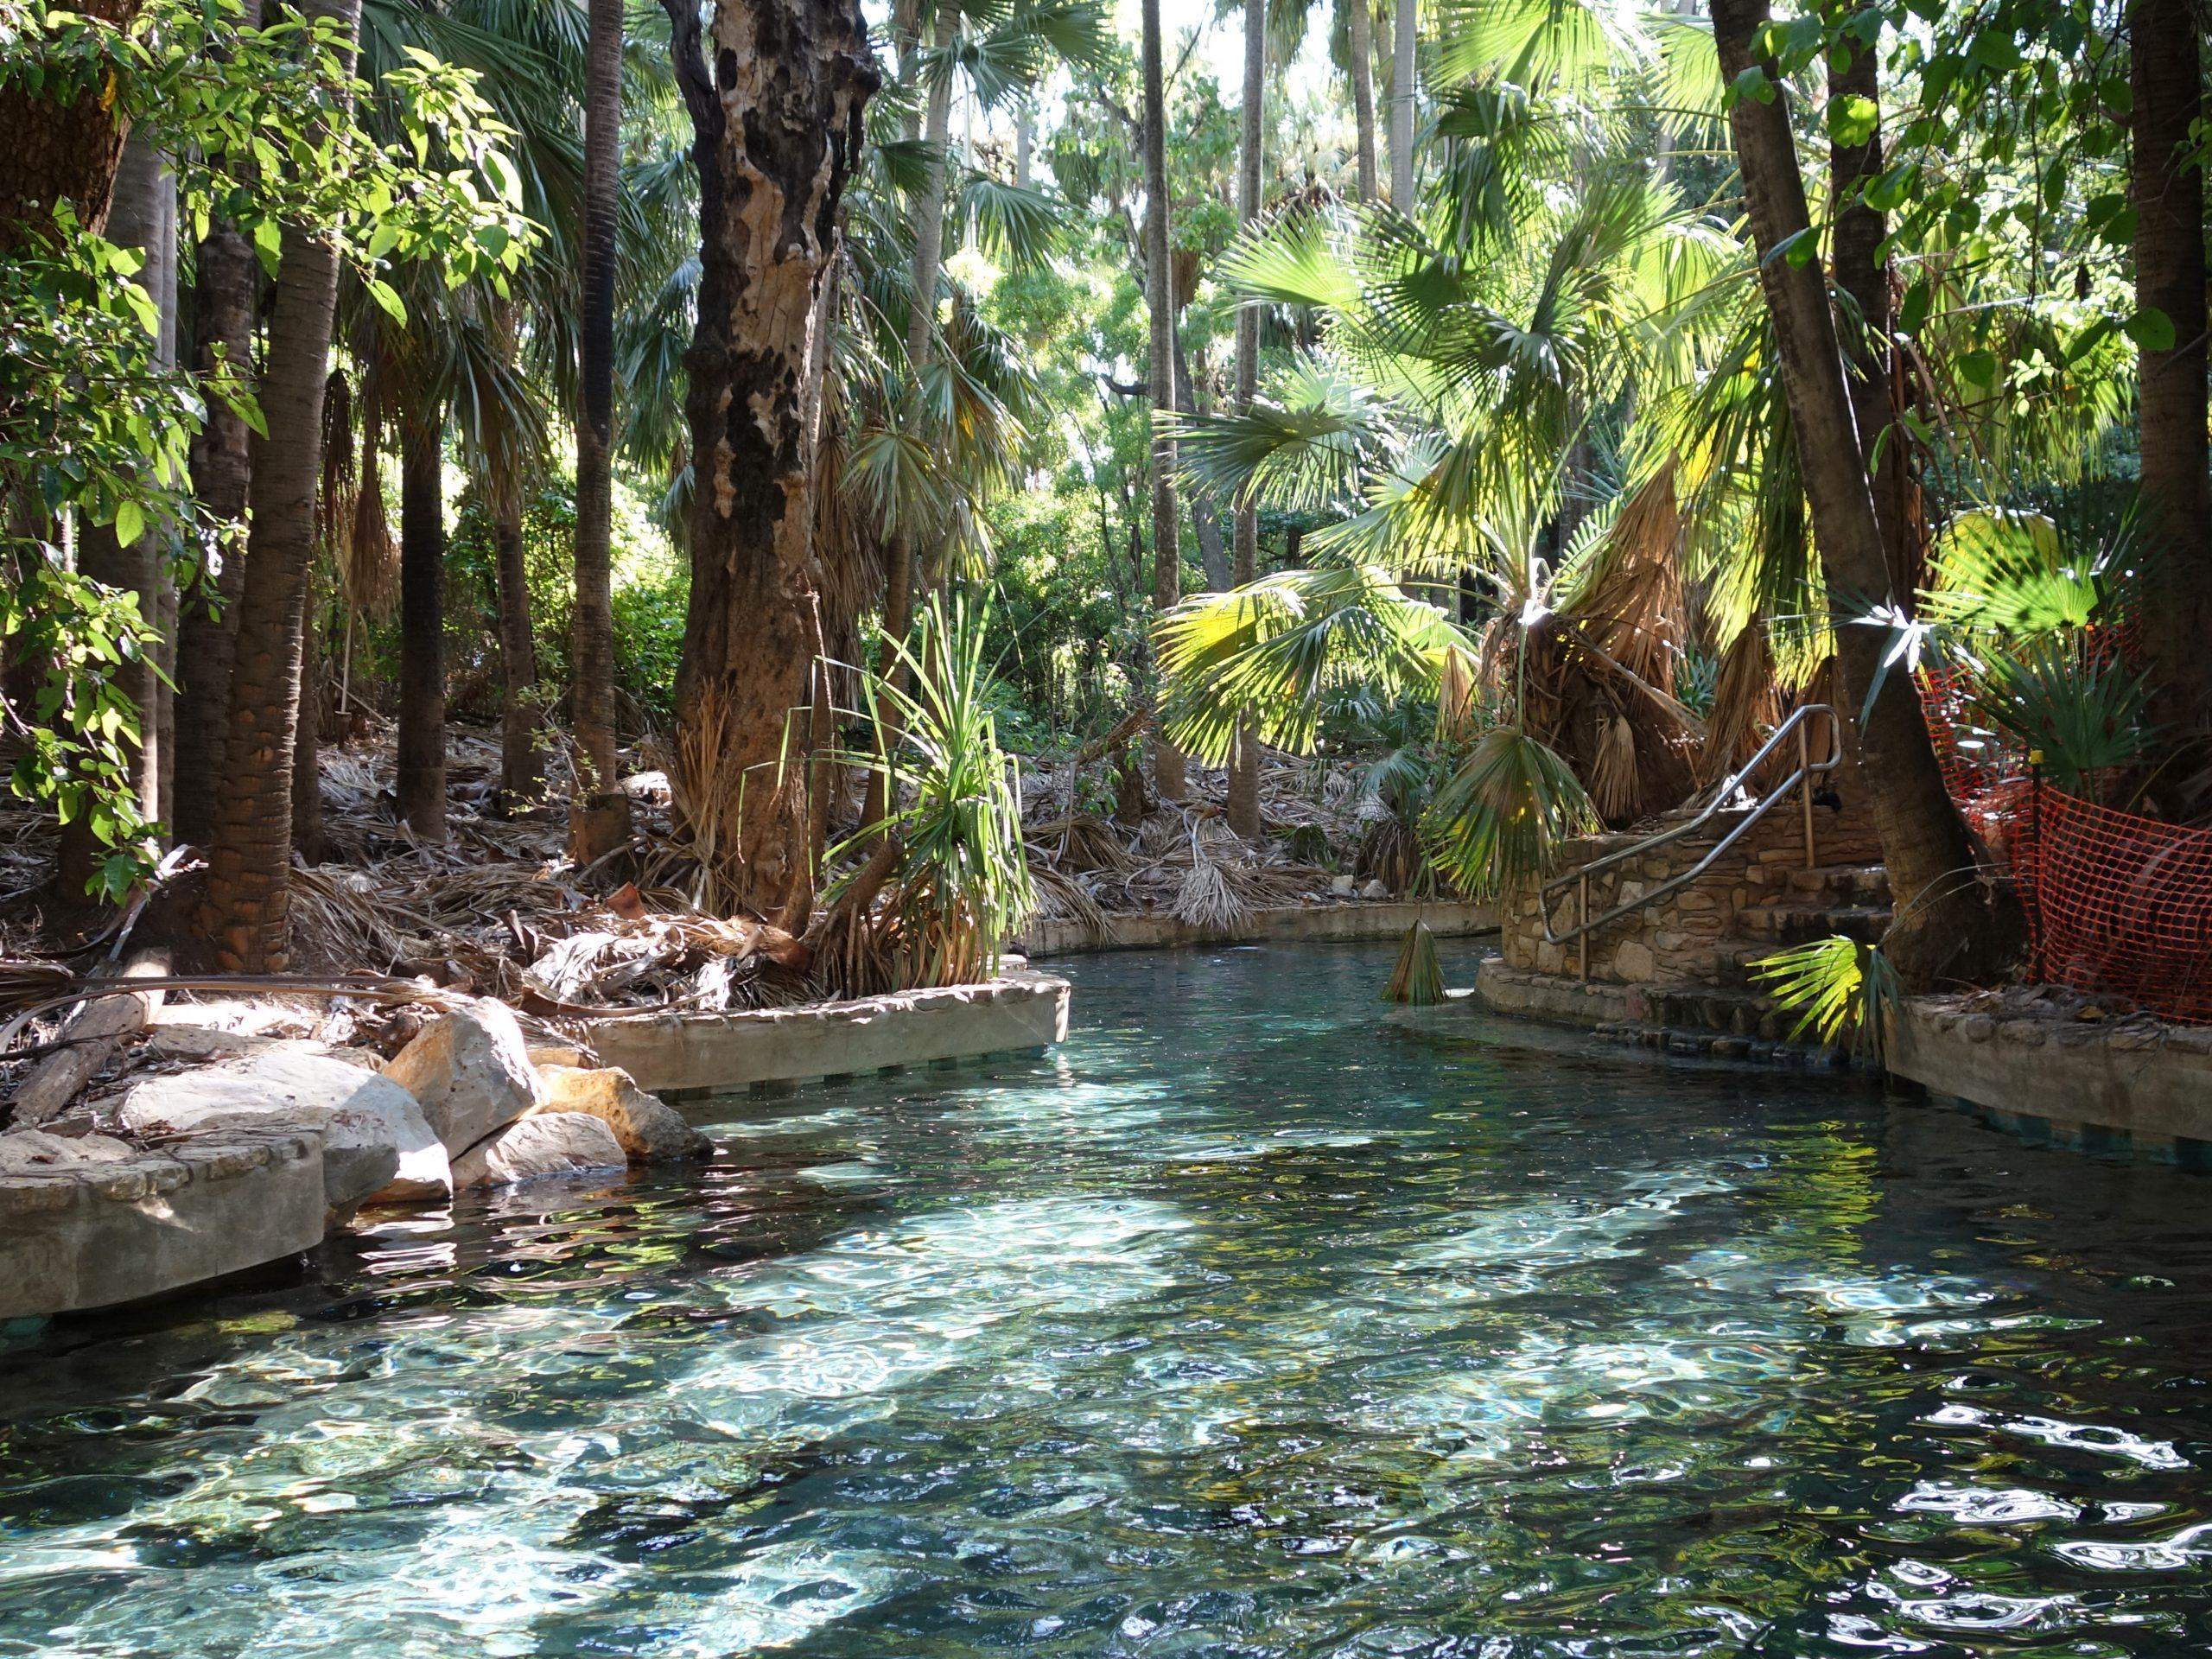 Radreise Australien 2016 - Elsey NP - Thermal Pool